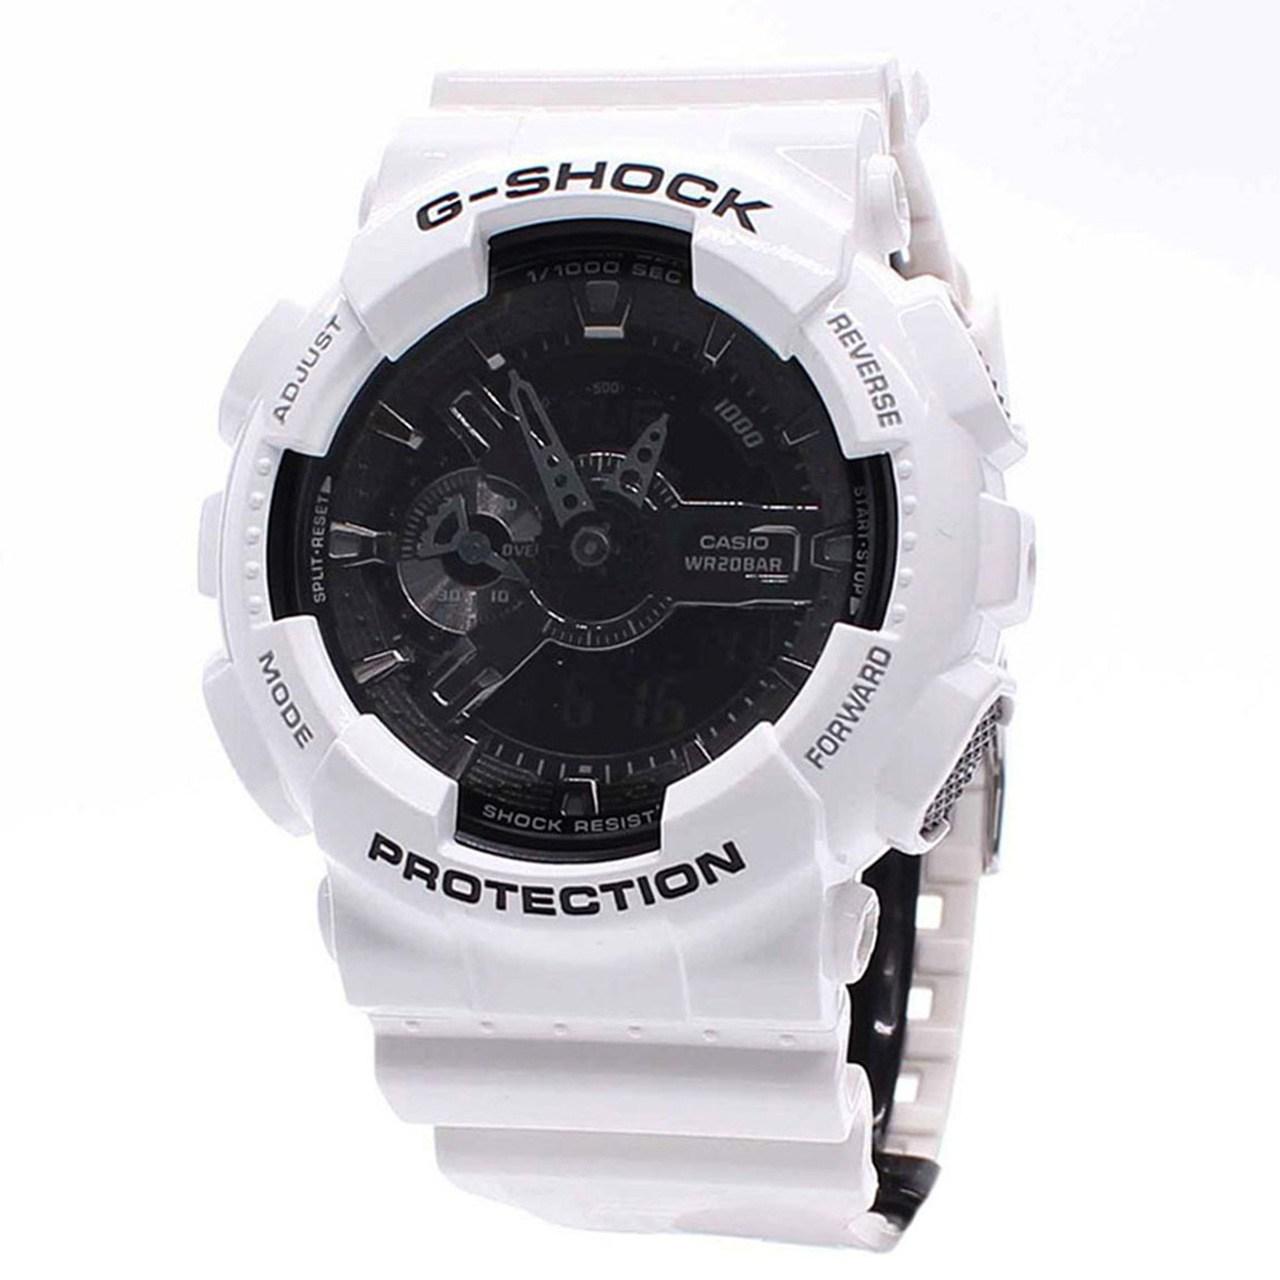 ساعت مچی عقربه ای کاسیو سری جی شاک مدل GA-110GW-7ADR مناسب برای آقایان